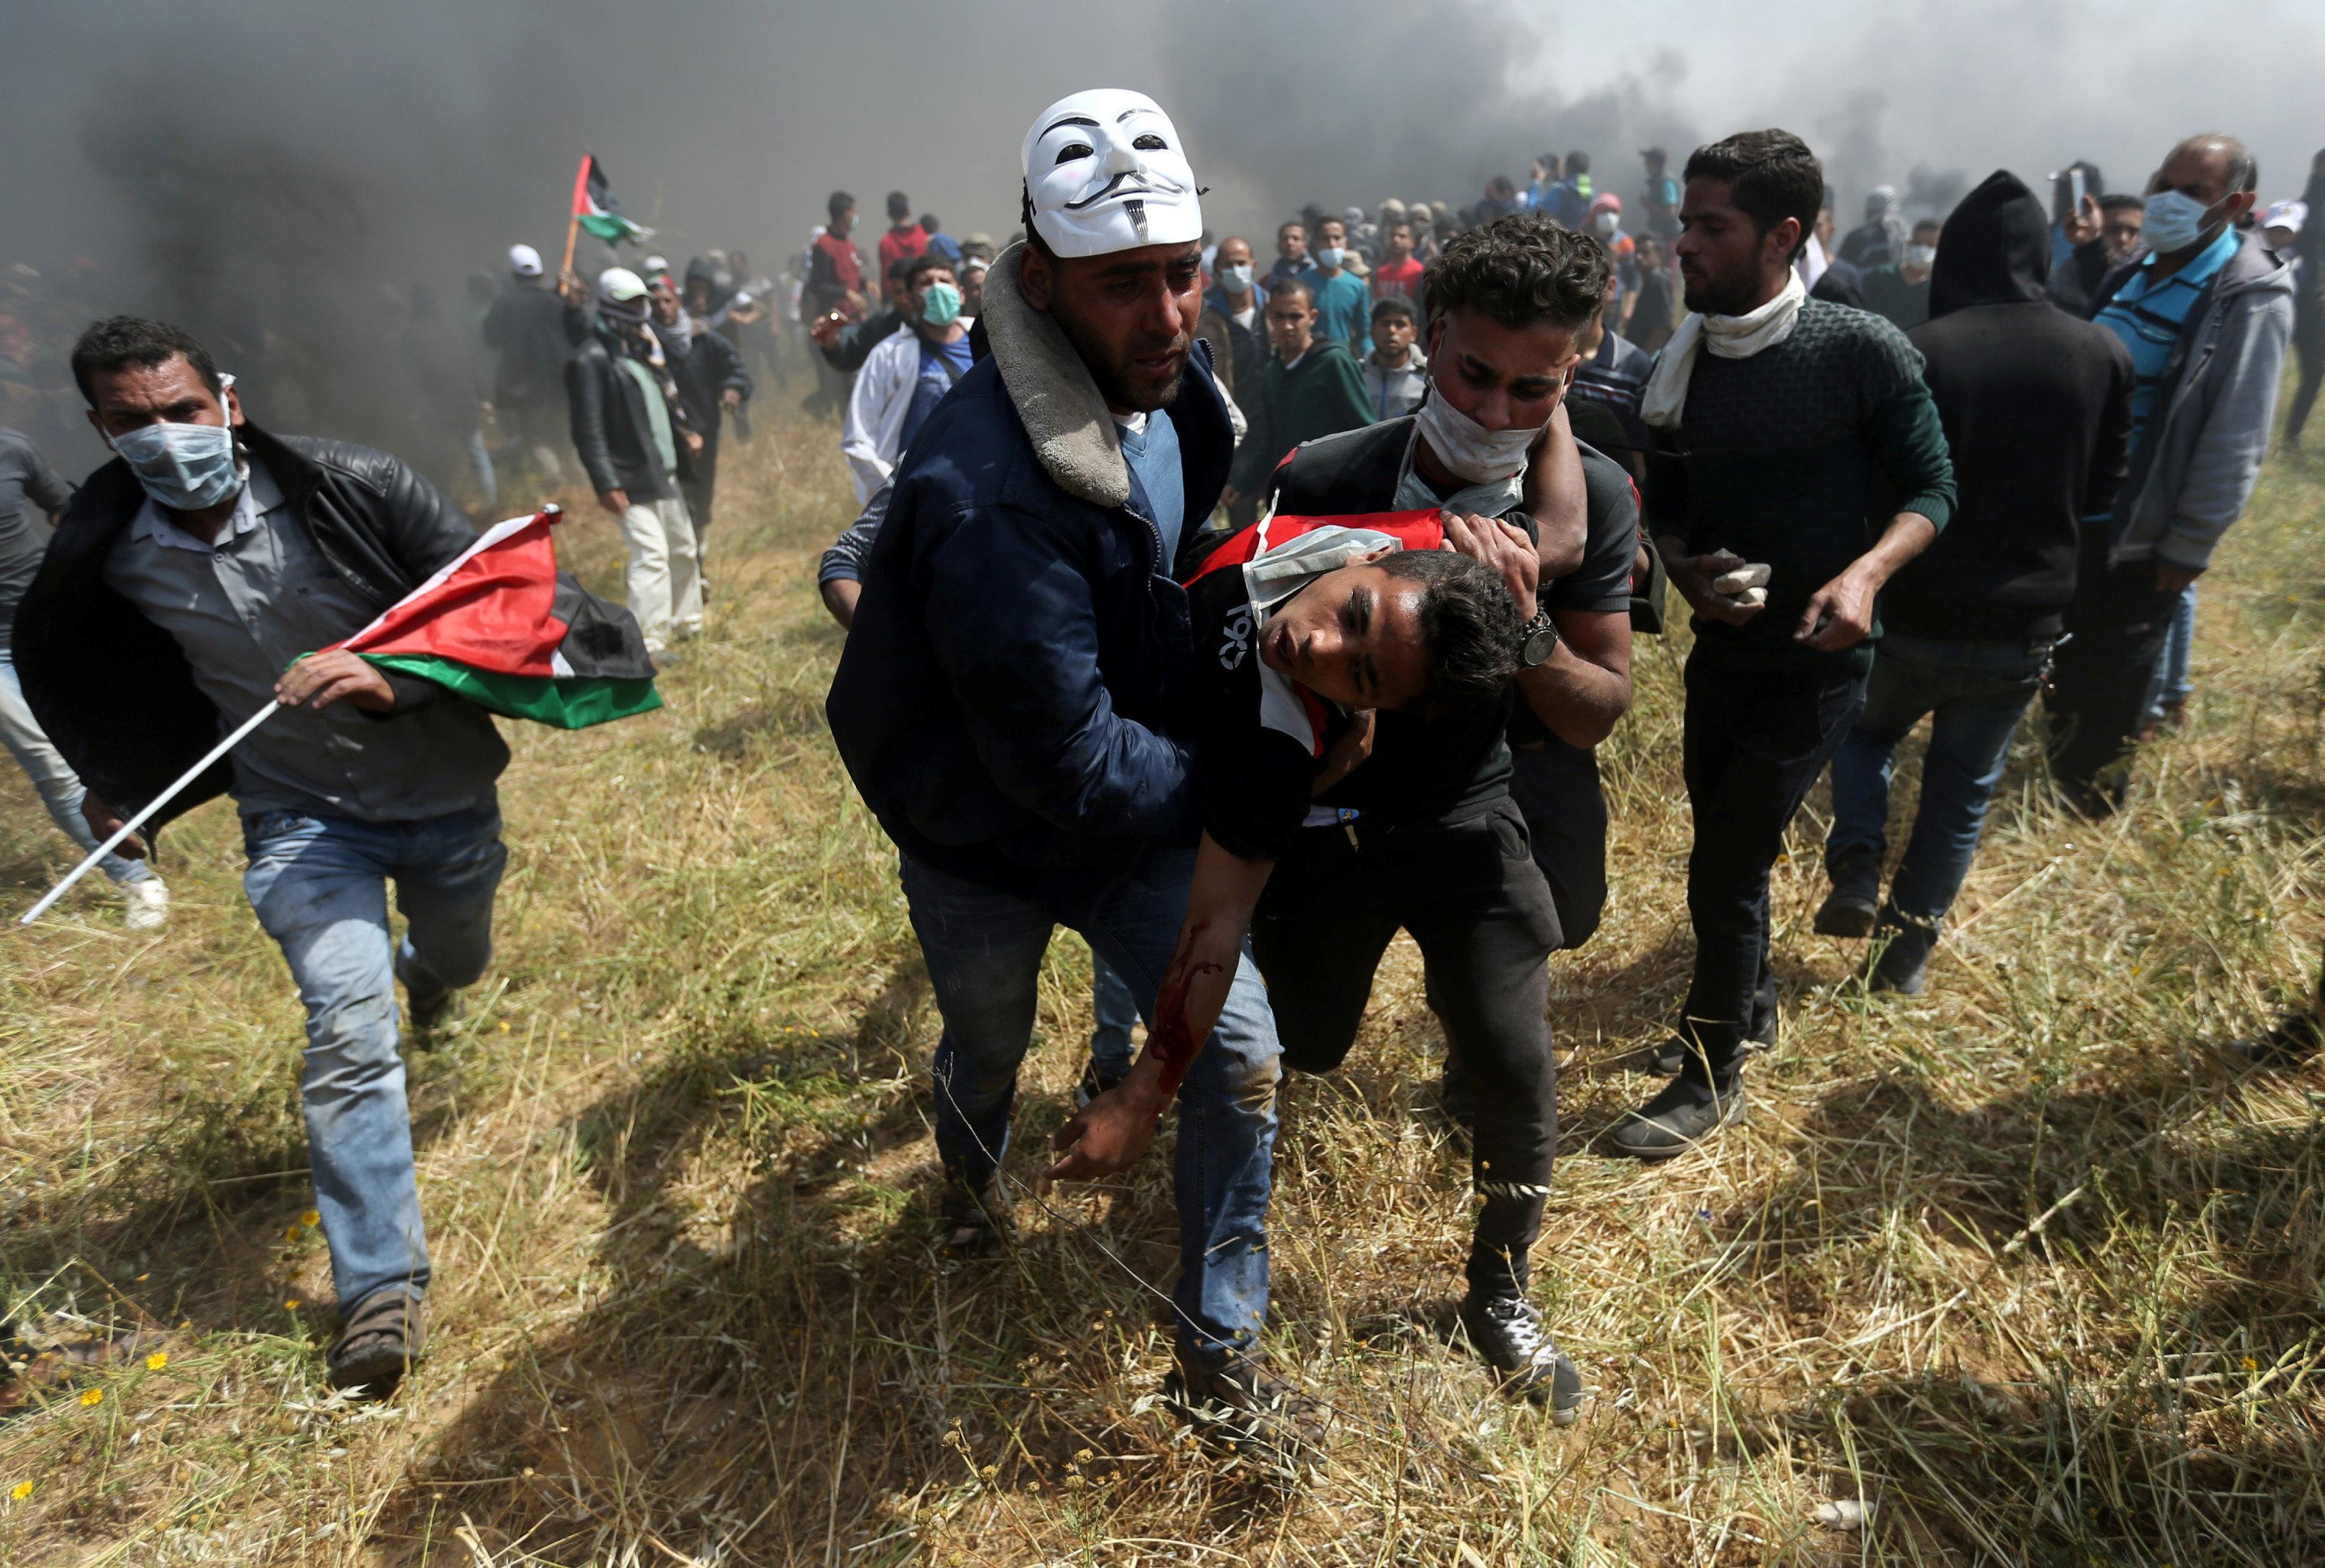 8 Palestiniens tués par Israël et plus de 400 blessés, Washington s'oppose à une saisie de